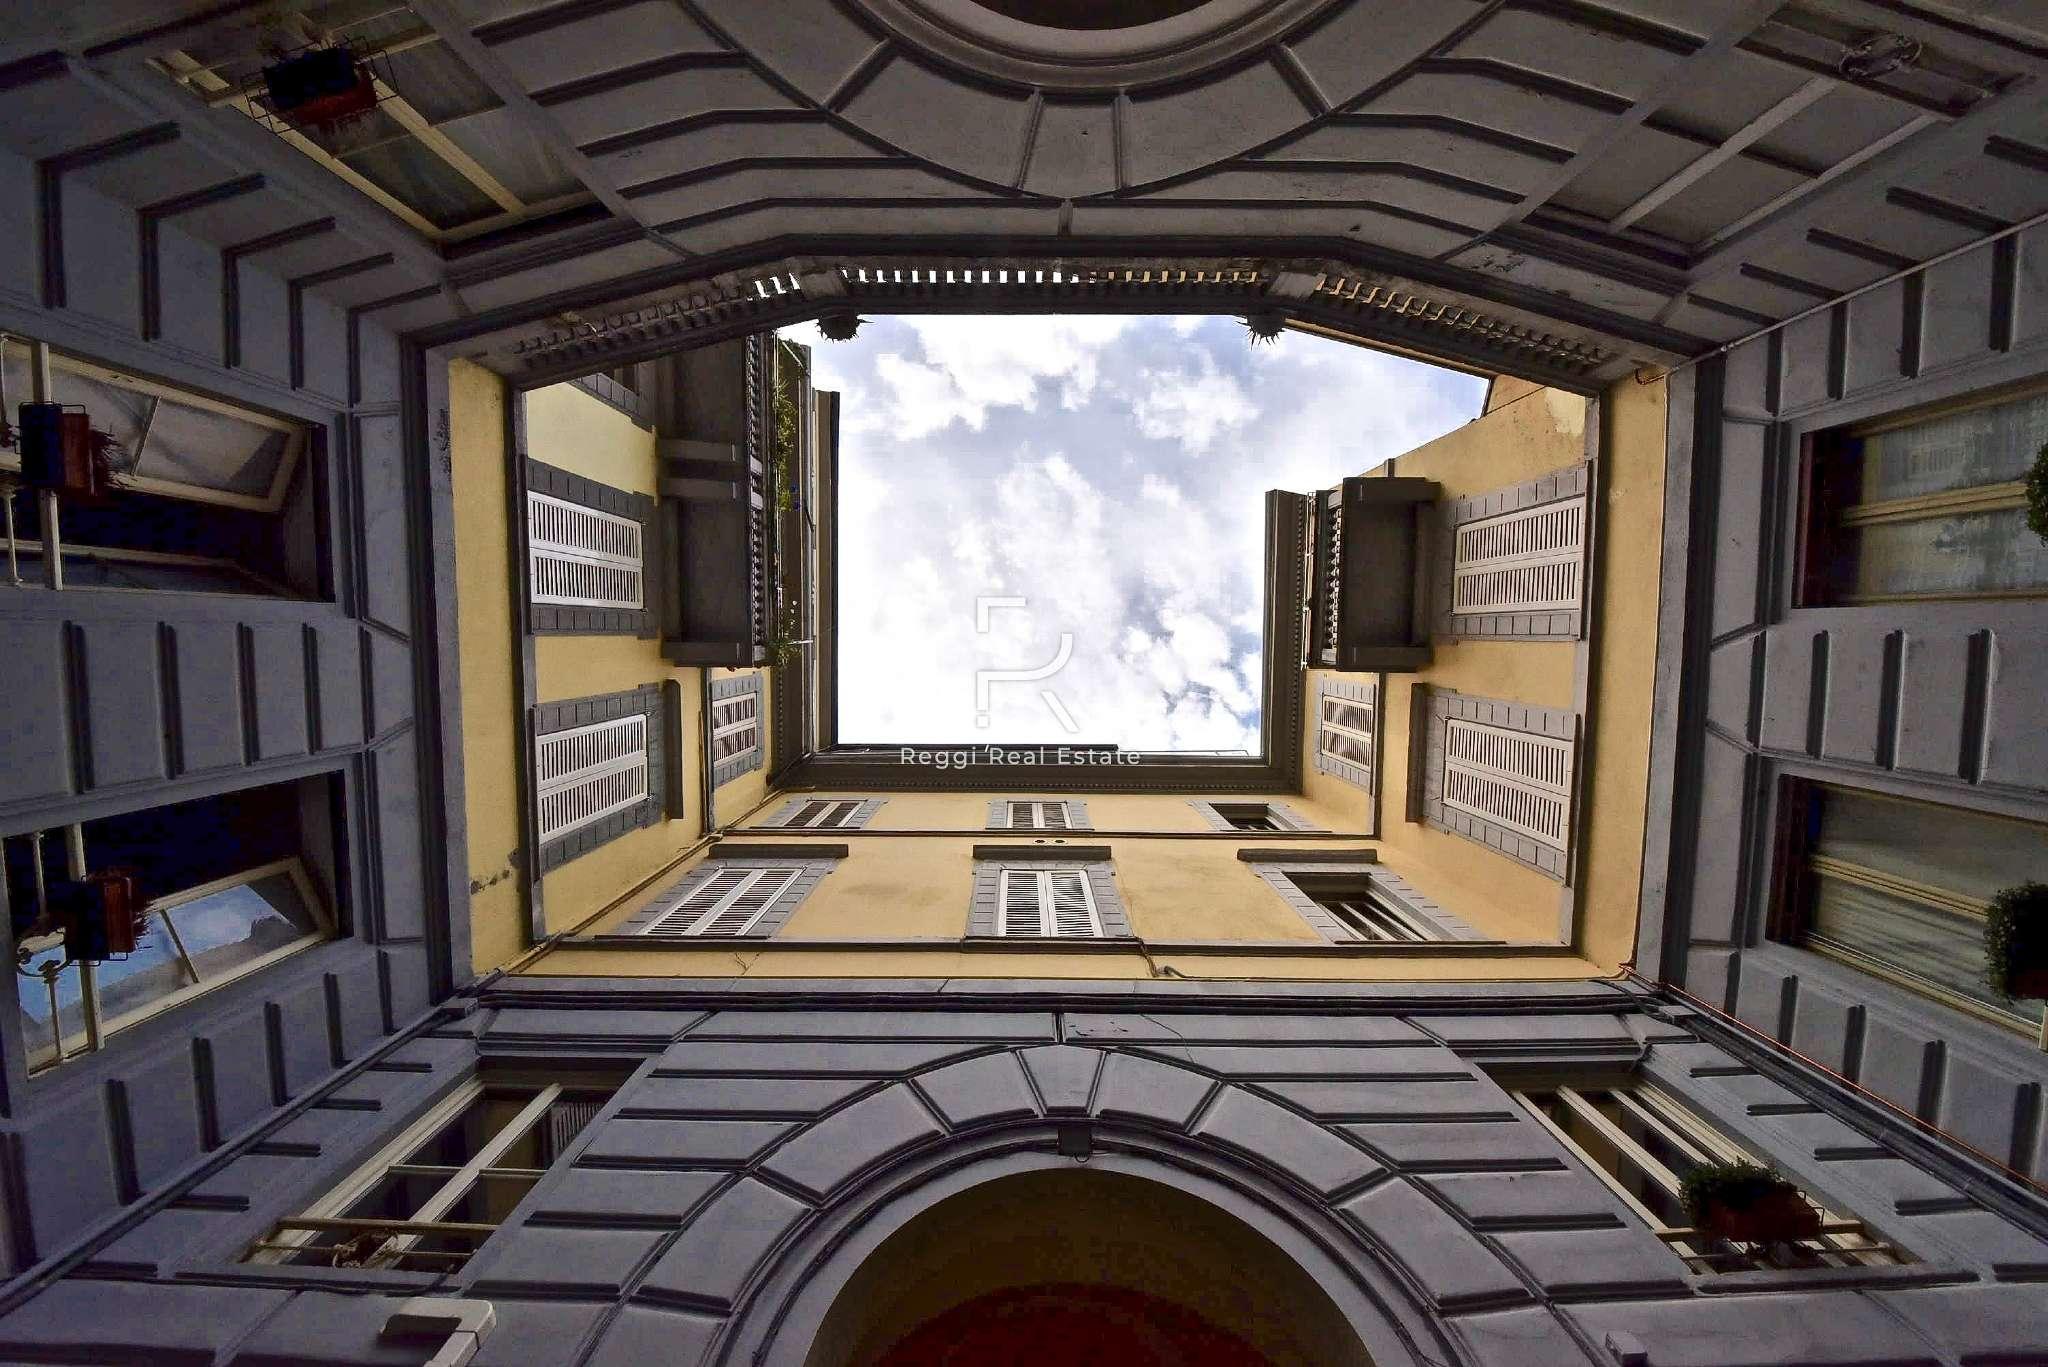 Negozio-locale in Affitto a Milano 02 Brera / Volta / Repubblica: 2 locali, 90 mq